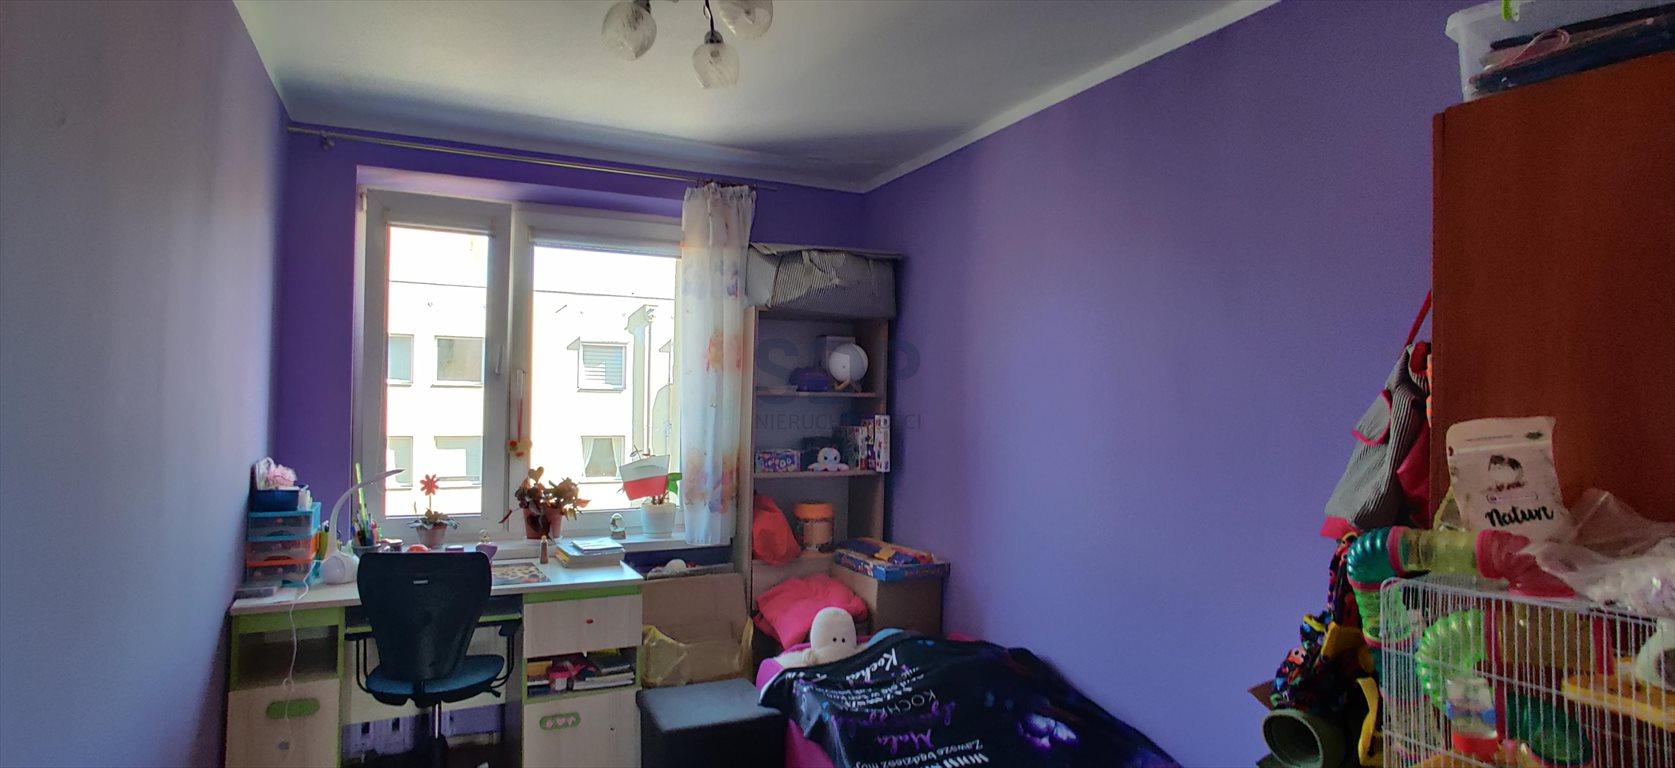 Mieszkanie trzypokojowe na sprzedaż Wrocław, Krzyki, Huby, Gliniana  62m2 Foto 9